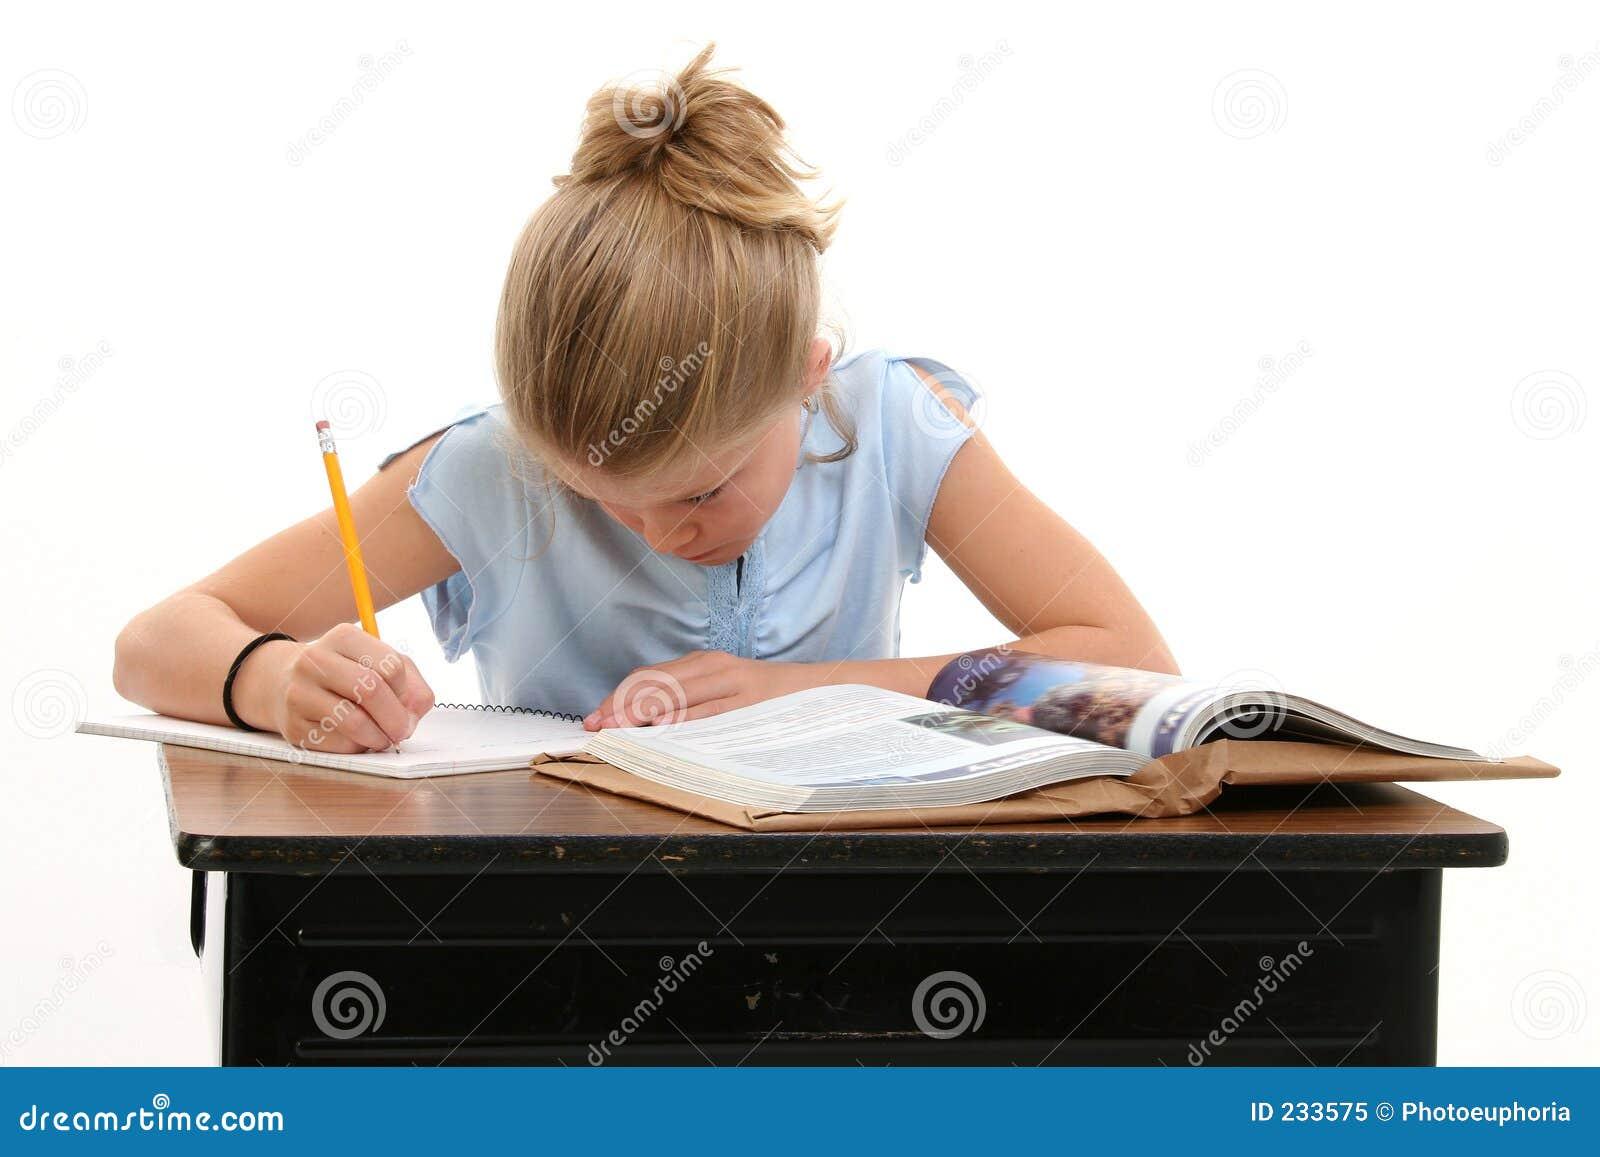 enfant effectuant le travail d 39 cole au bureau photo libre de droits image 233575. Black Bedroom Furniture Sets. Home Design Ideas